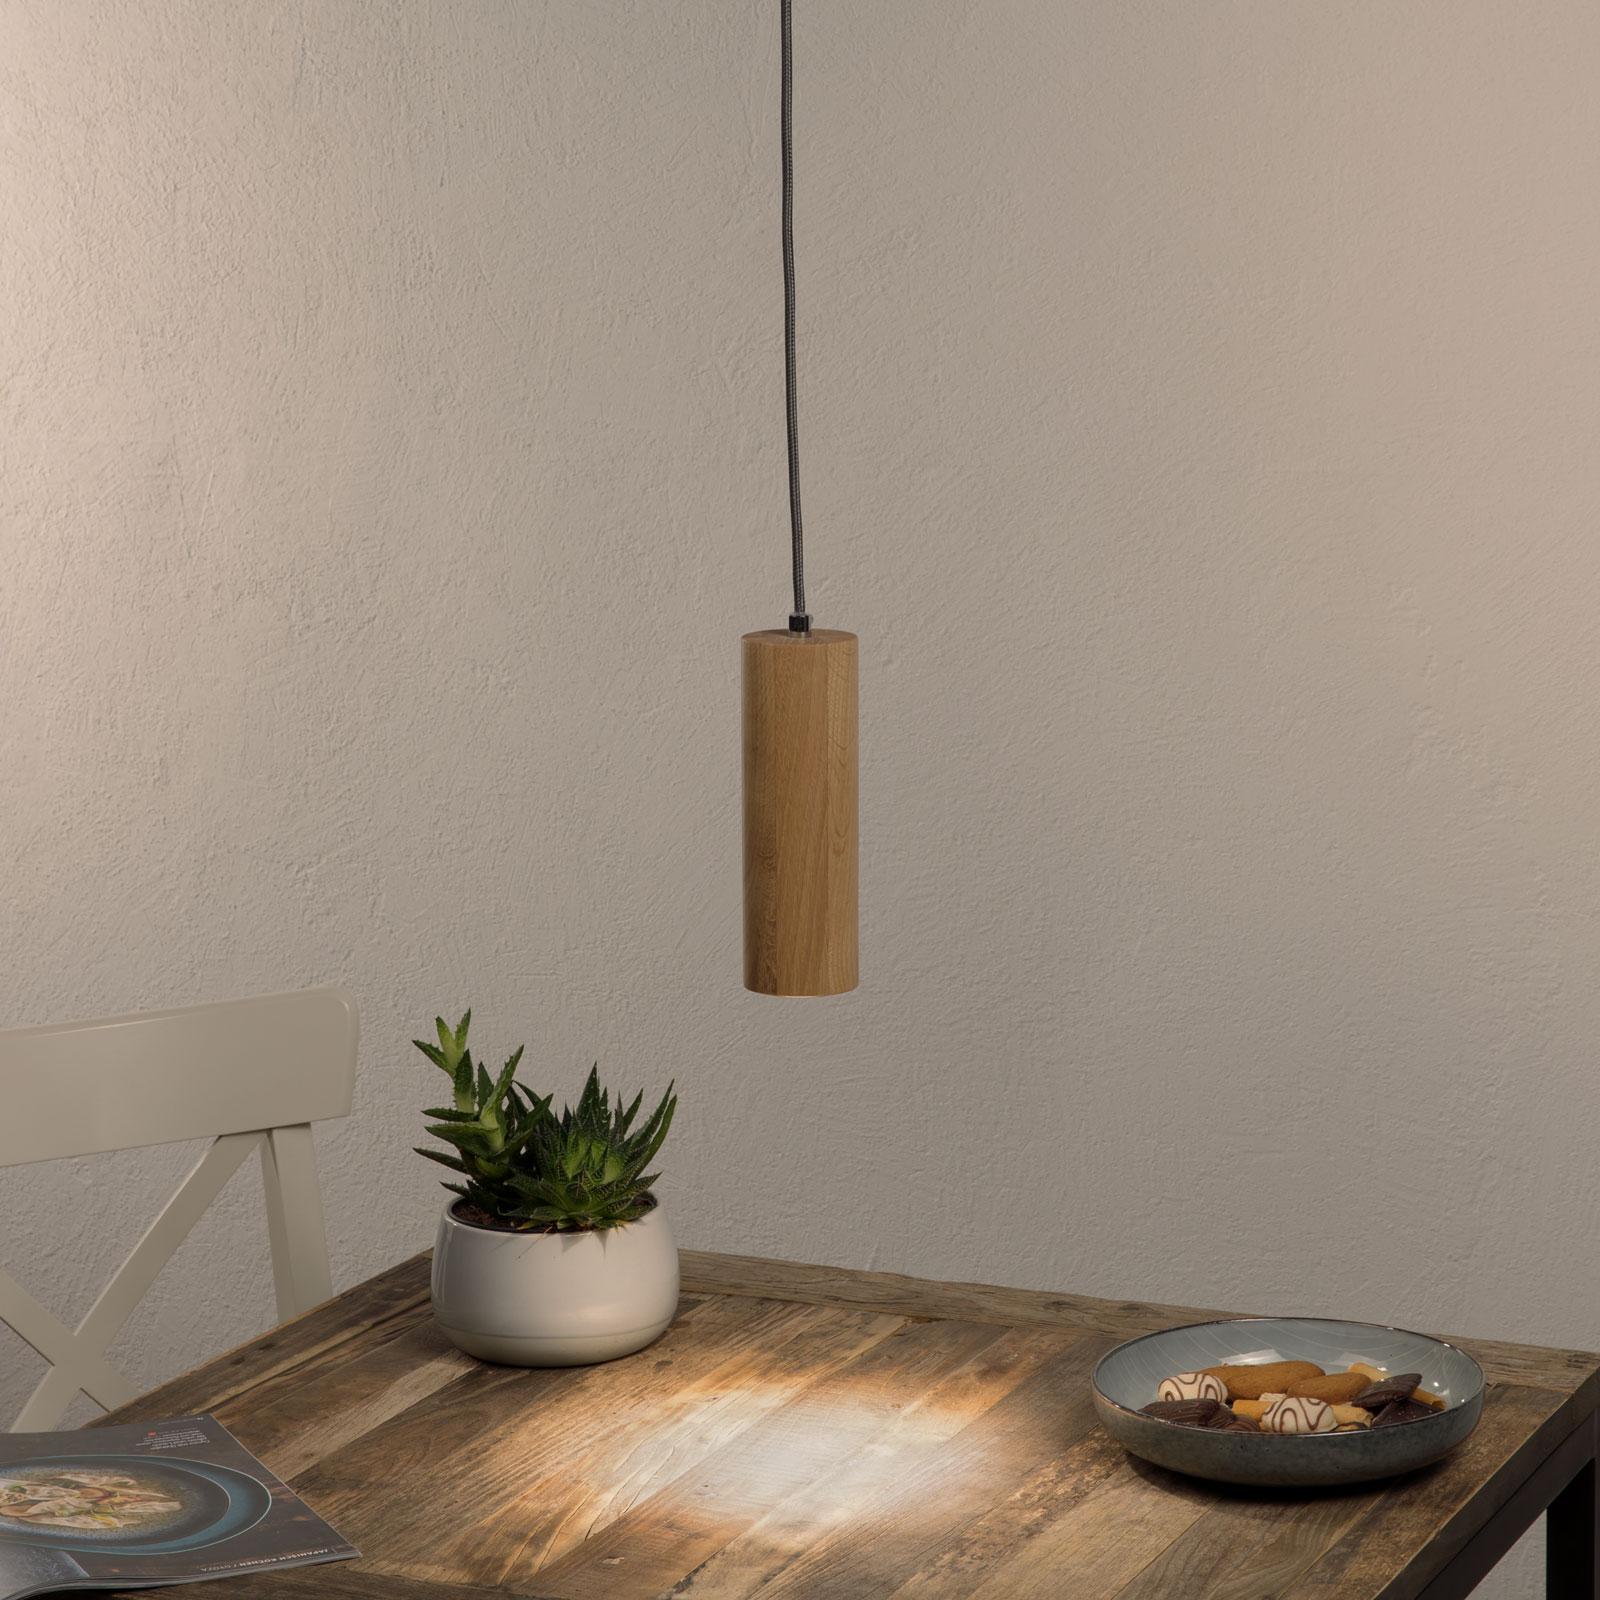 1-pkt. lampa wisząca LED Pipe z drewna dębowego